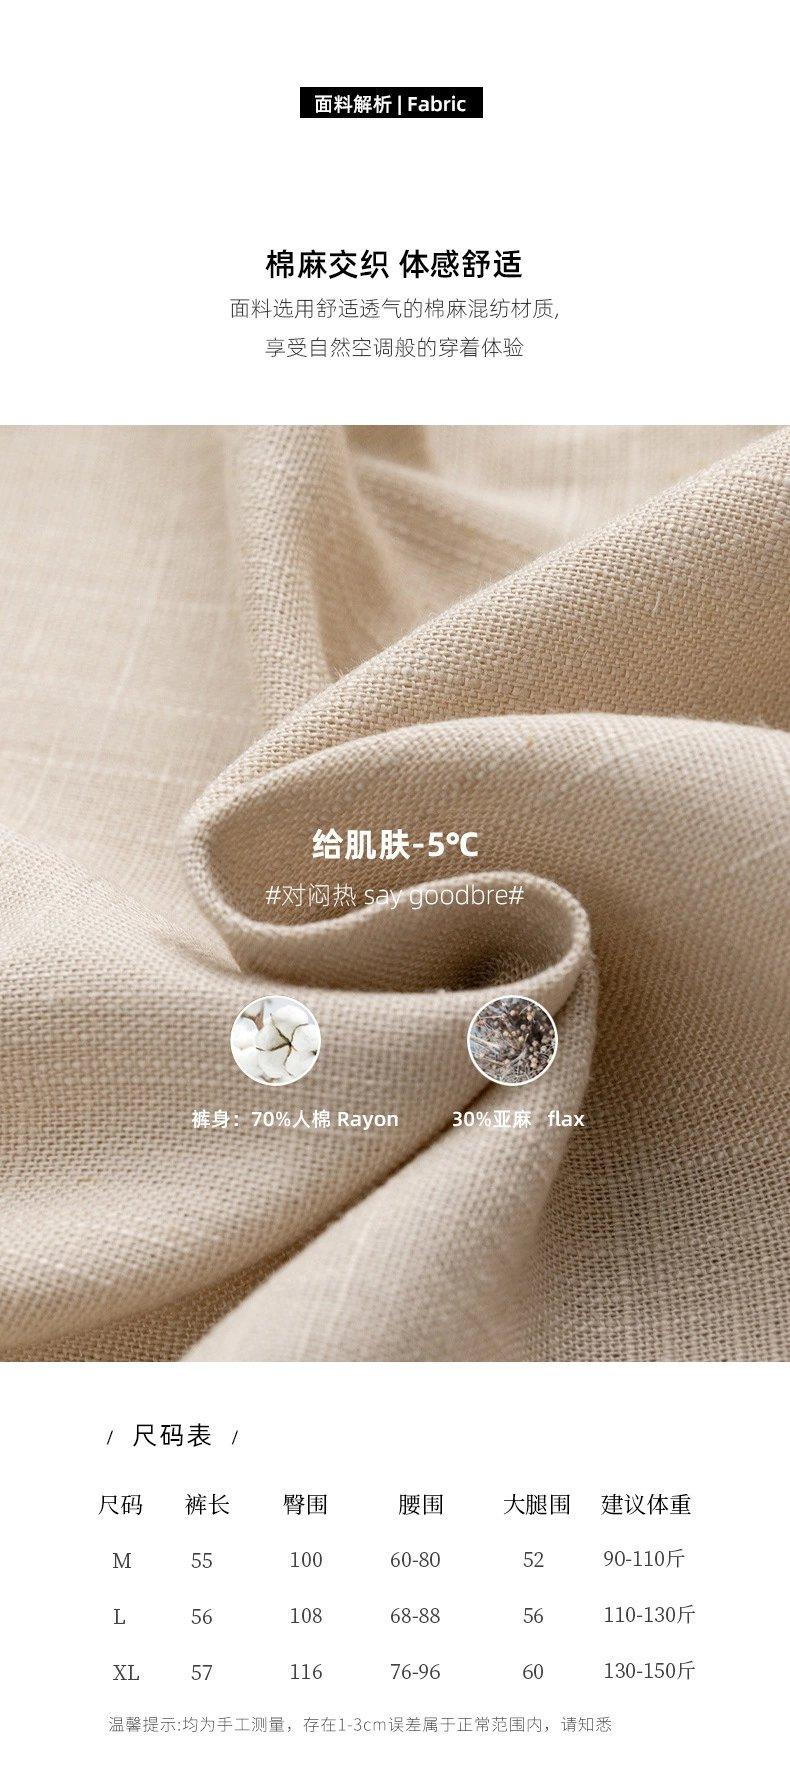 Роскошные 2172PP летние шорты с эластичным поясом Одежда для беременных